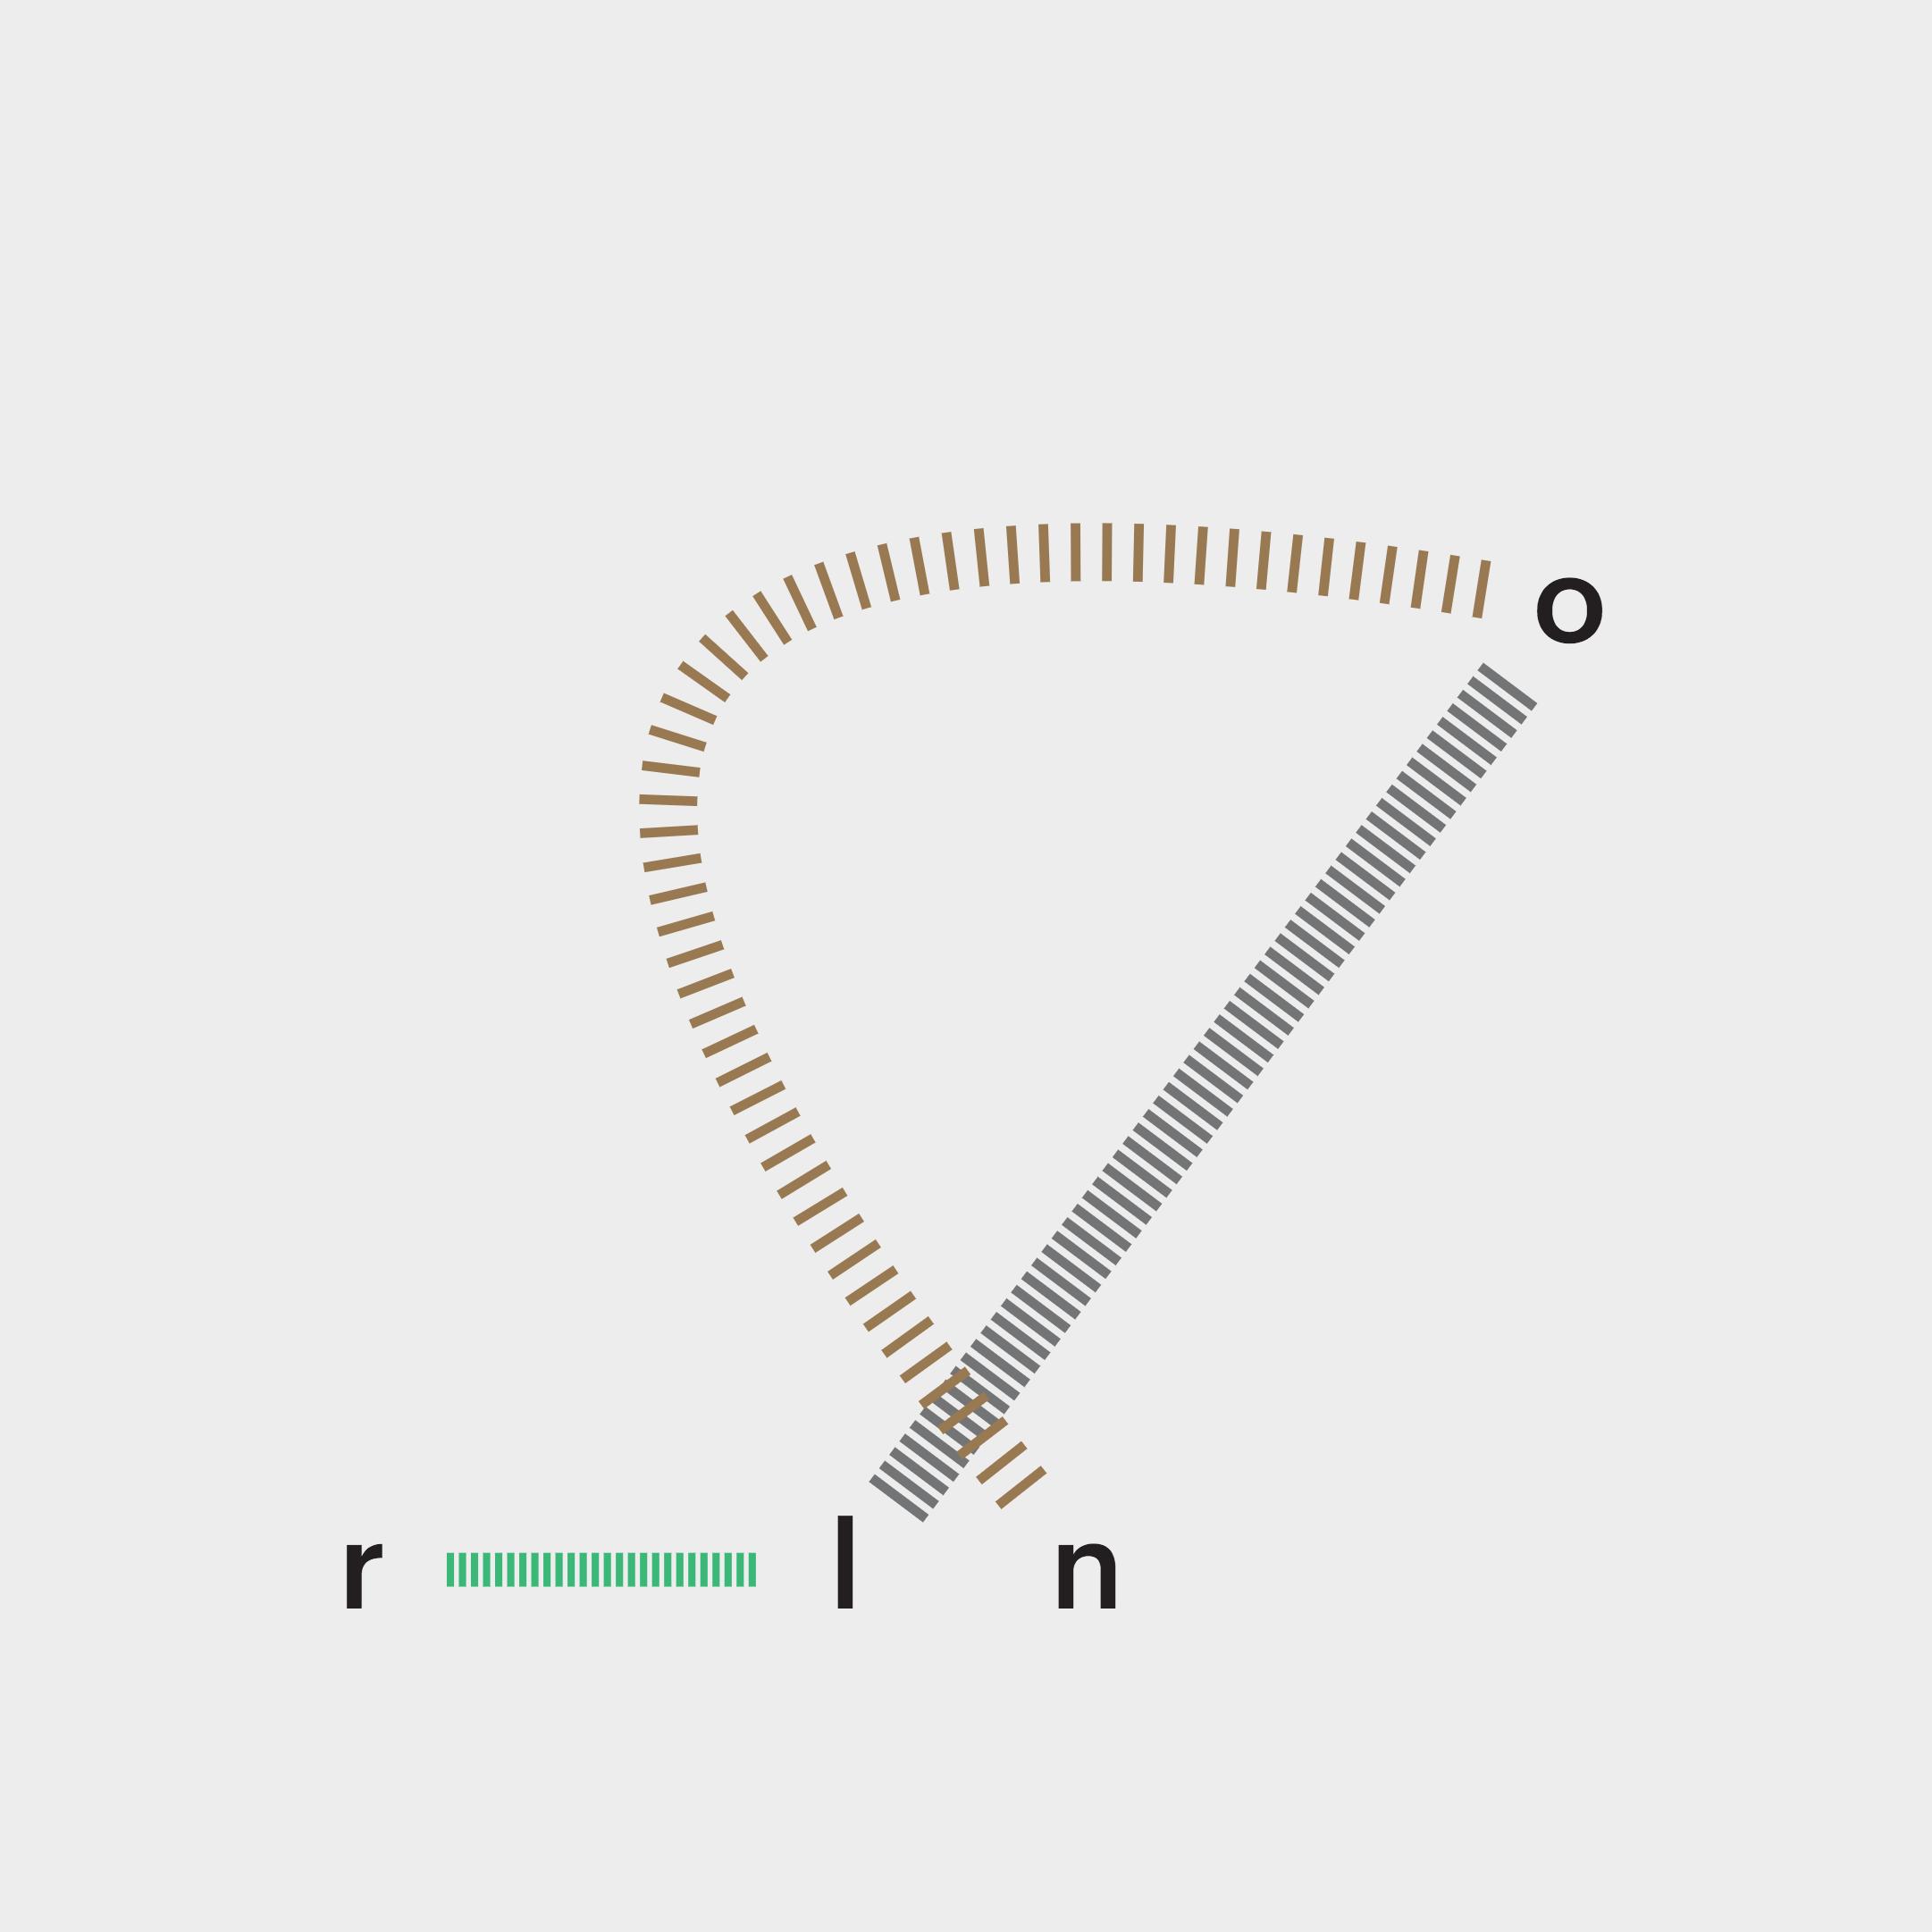 rlon_logo_105012.png